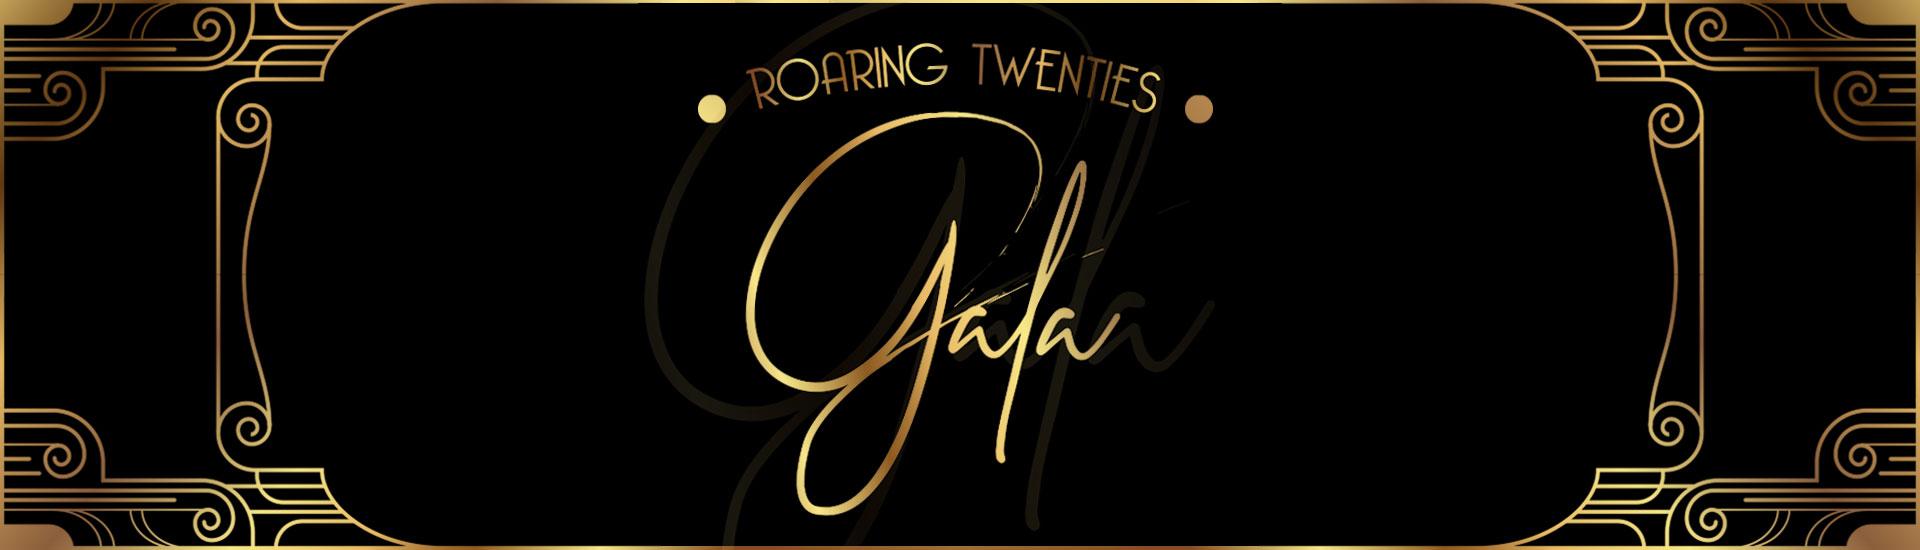 Roaring Twenties Gala